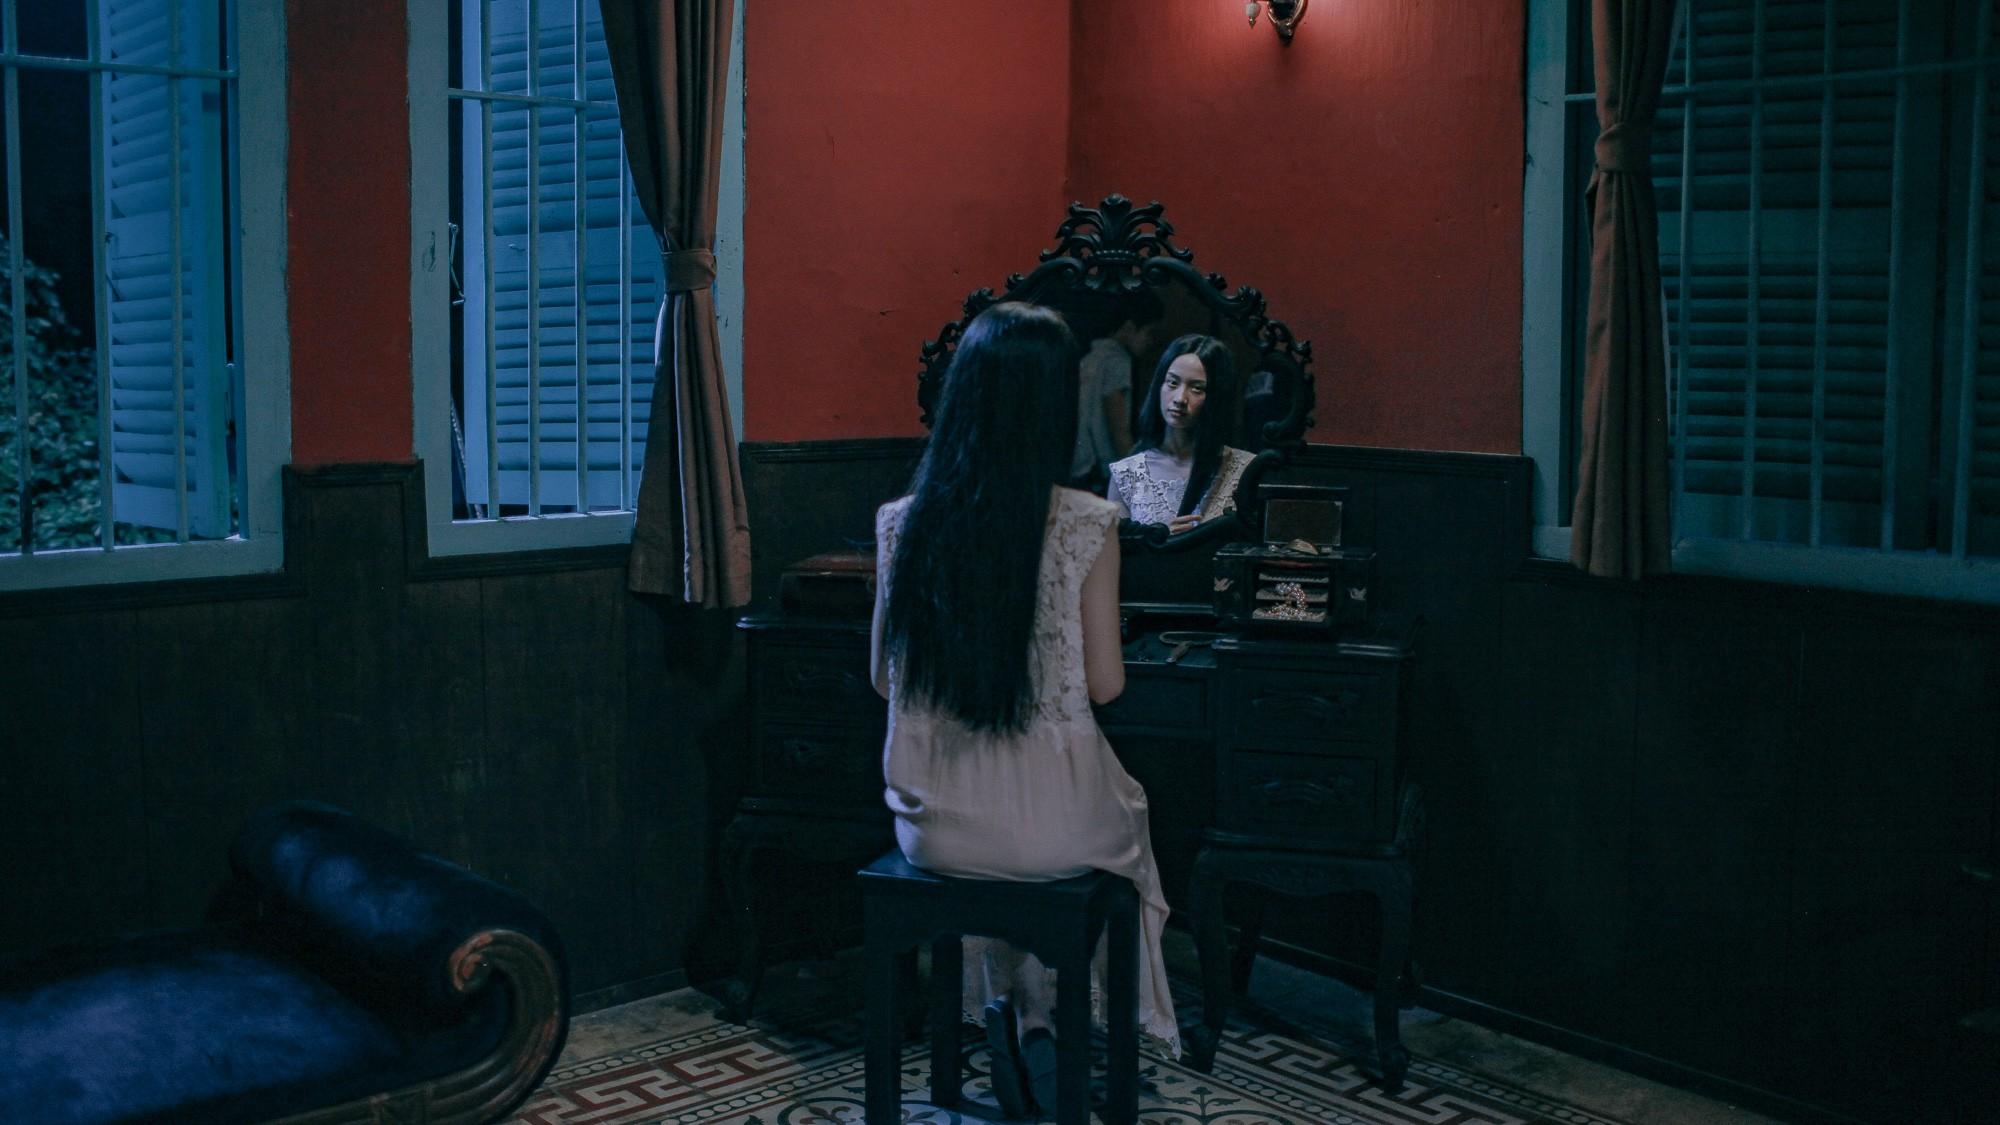 Jun Vũ không chỉ đẹp mà còn ma mị khi làm cô ca nương đoản mệnh trong Người Bất Tử - Ảnh 2.